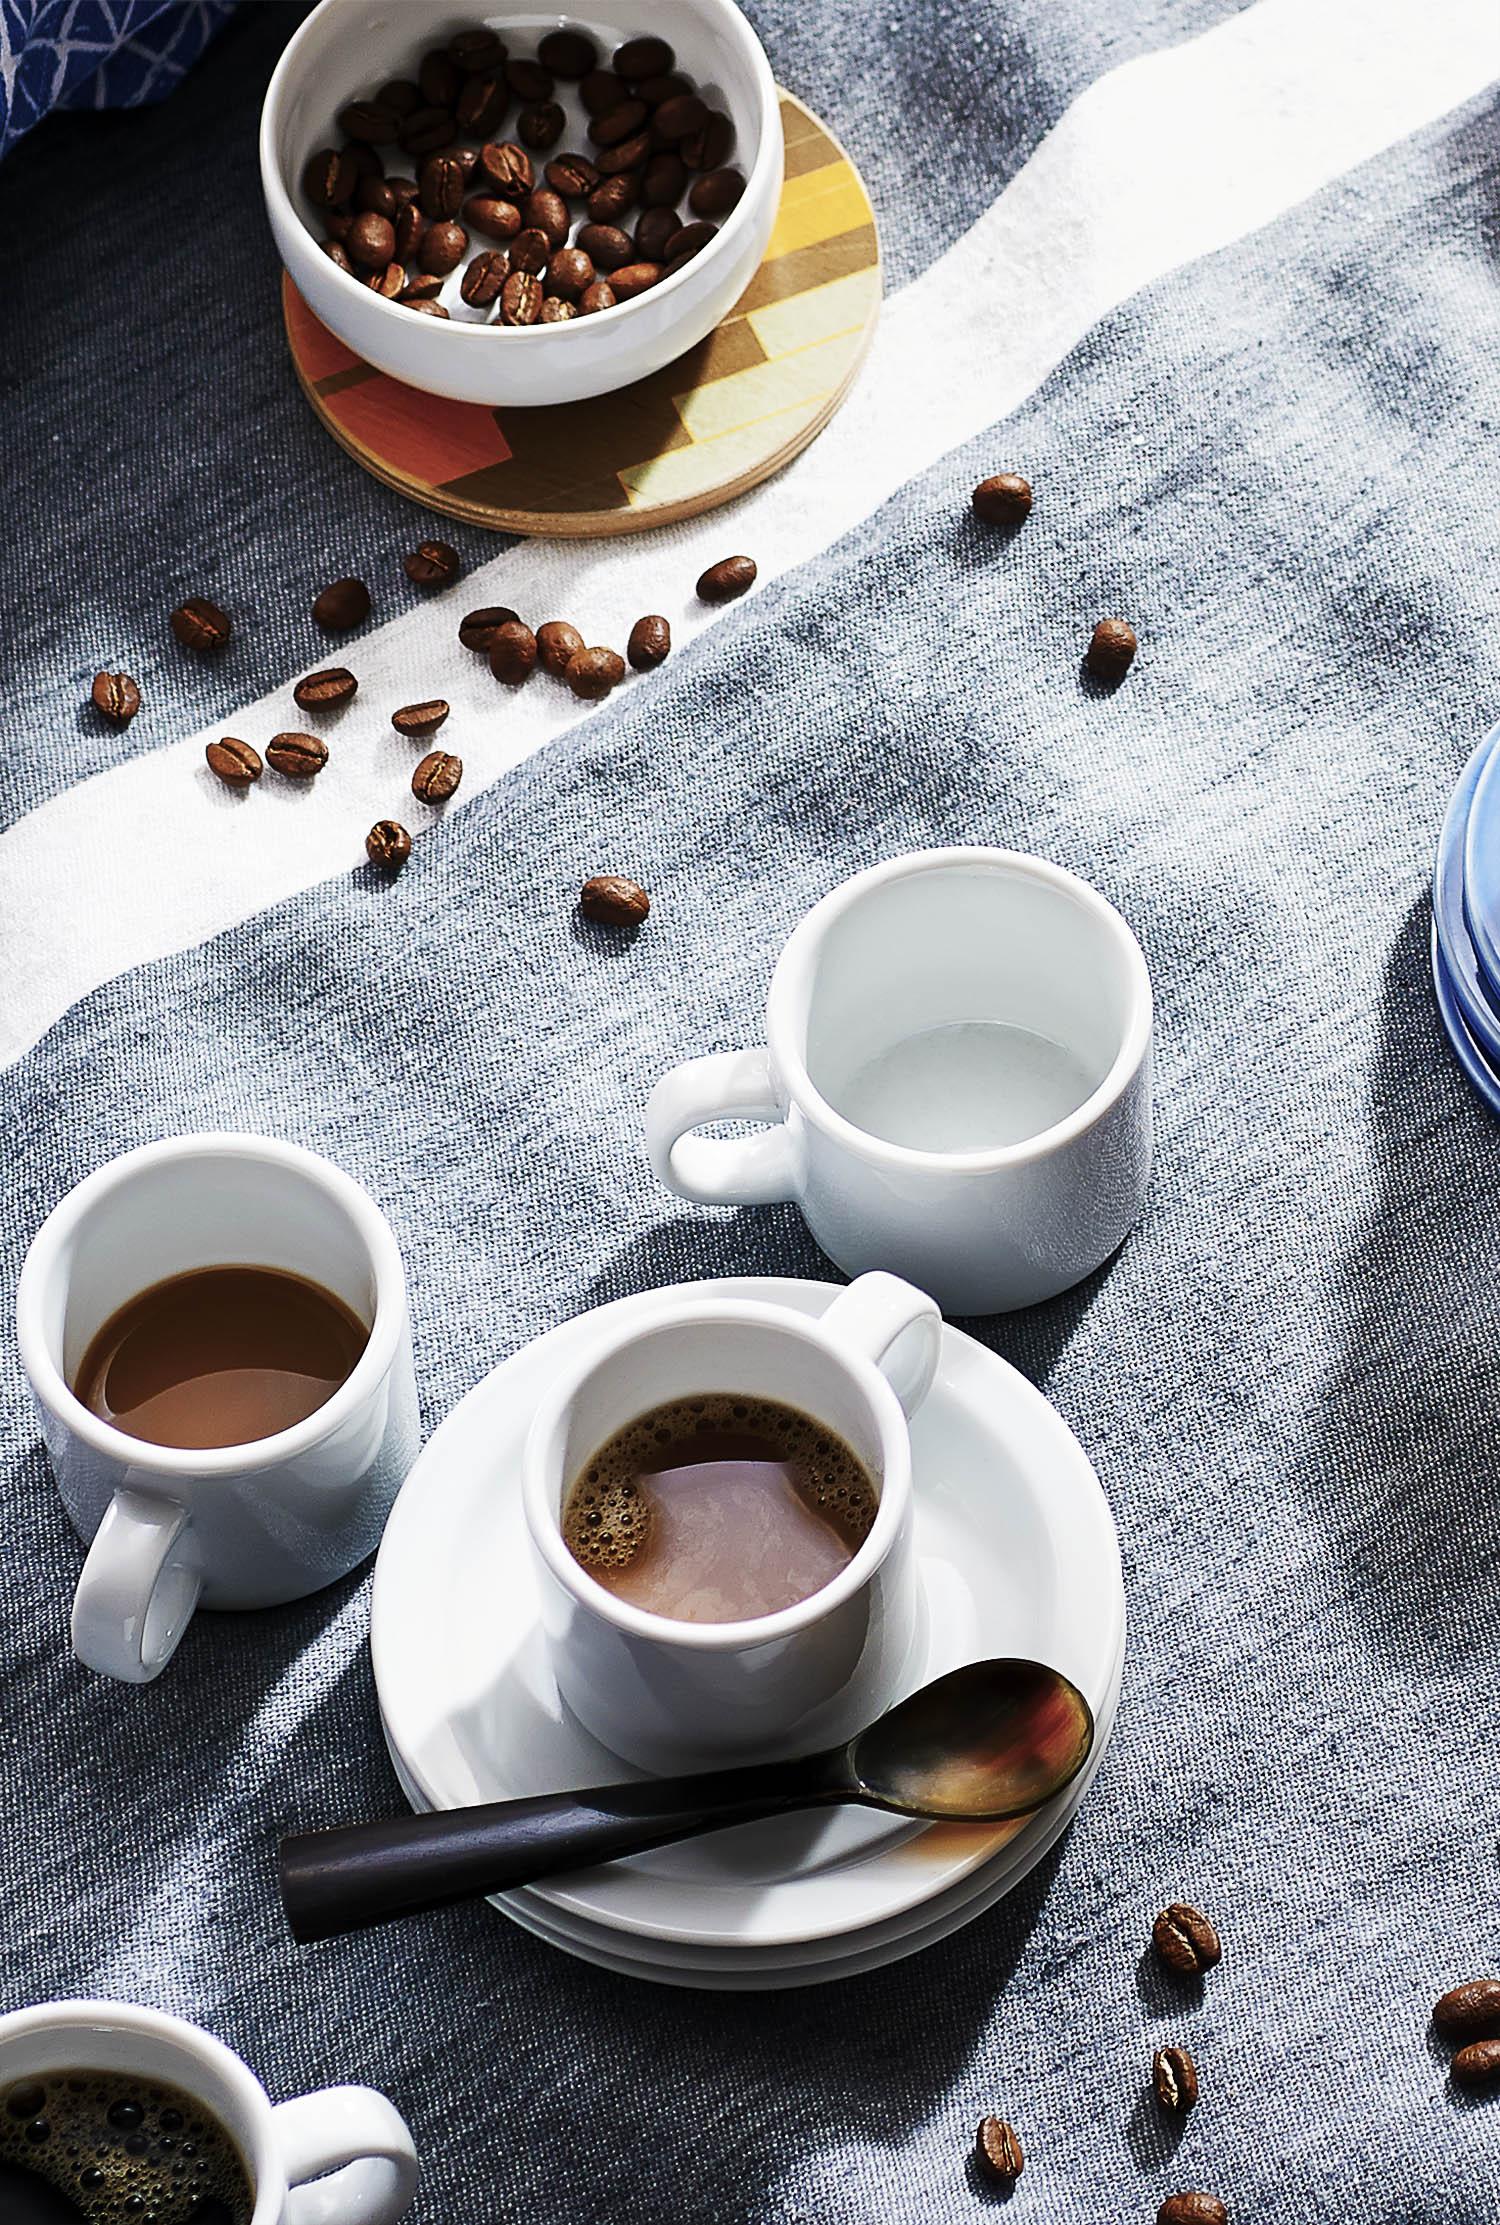 060315_Coffee_181102update.jpg